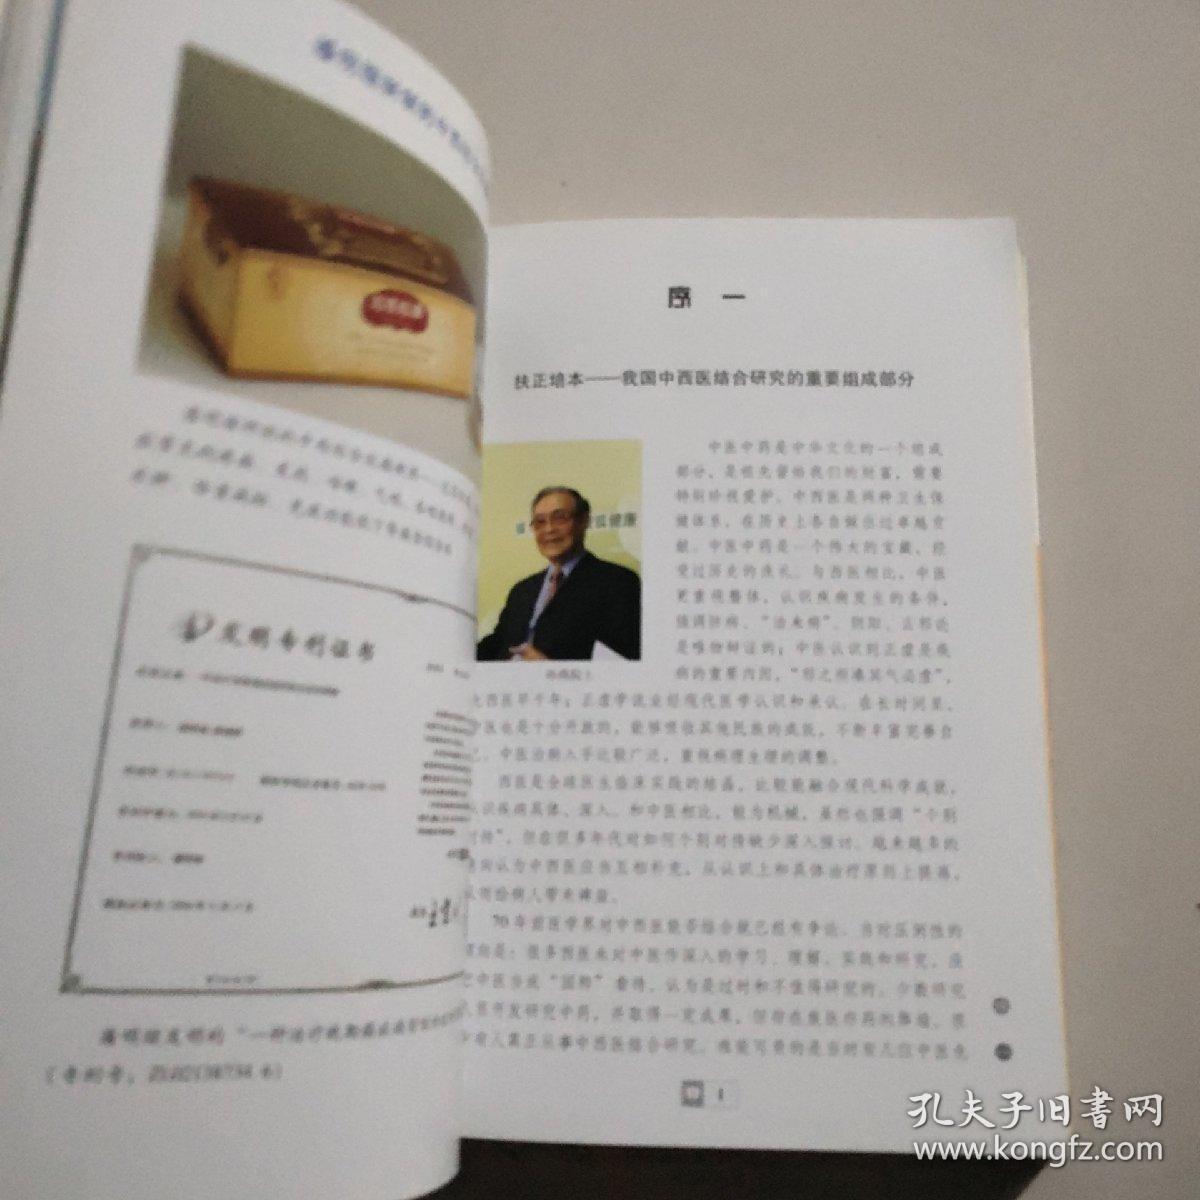 扶正培本治癌在中国:潘明继行医抗癌56年吗  原版内页全新